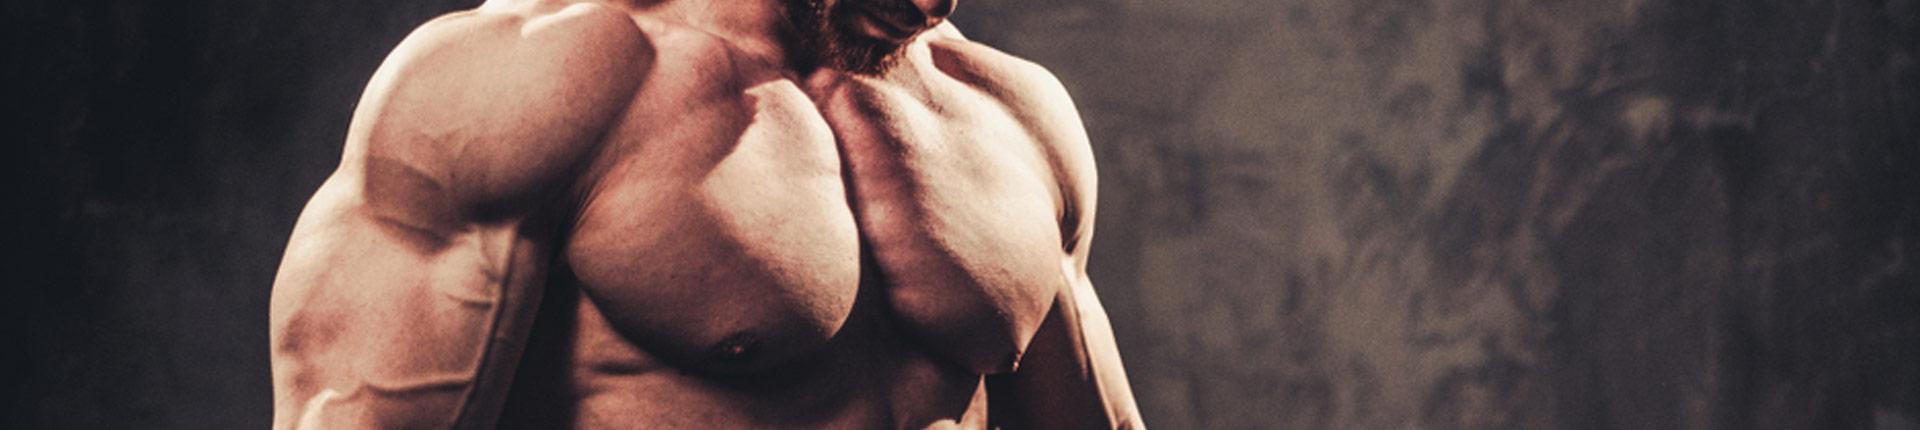 Wzrost człowieka, a siła i budowanie mięśni